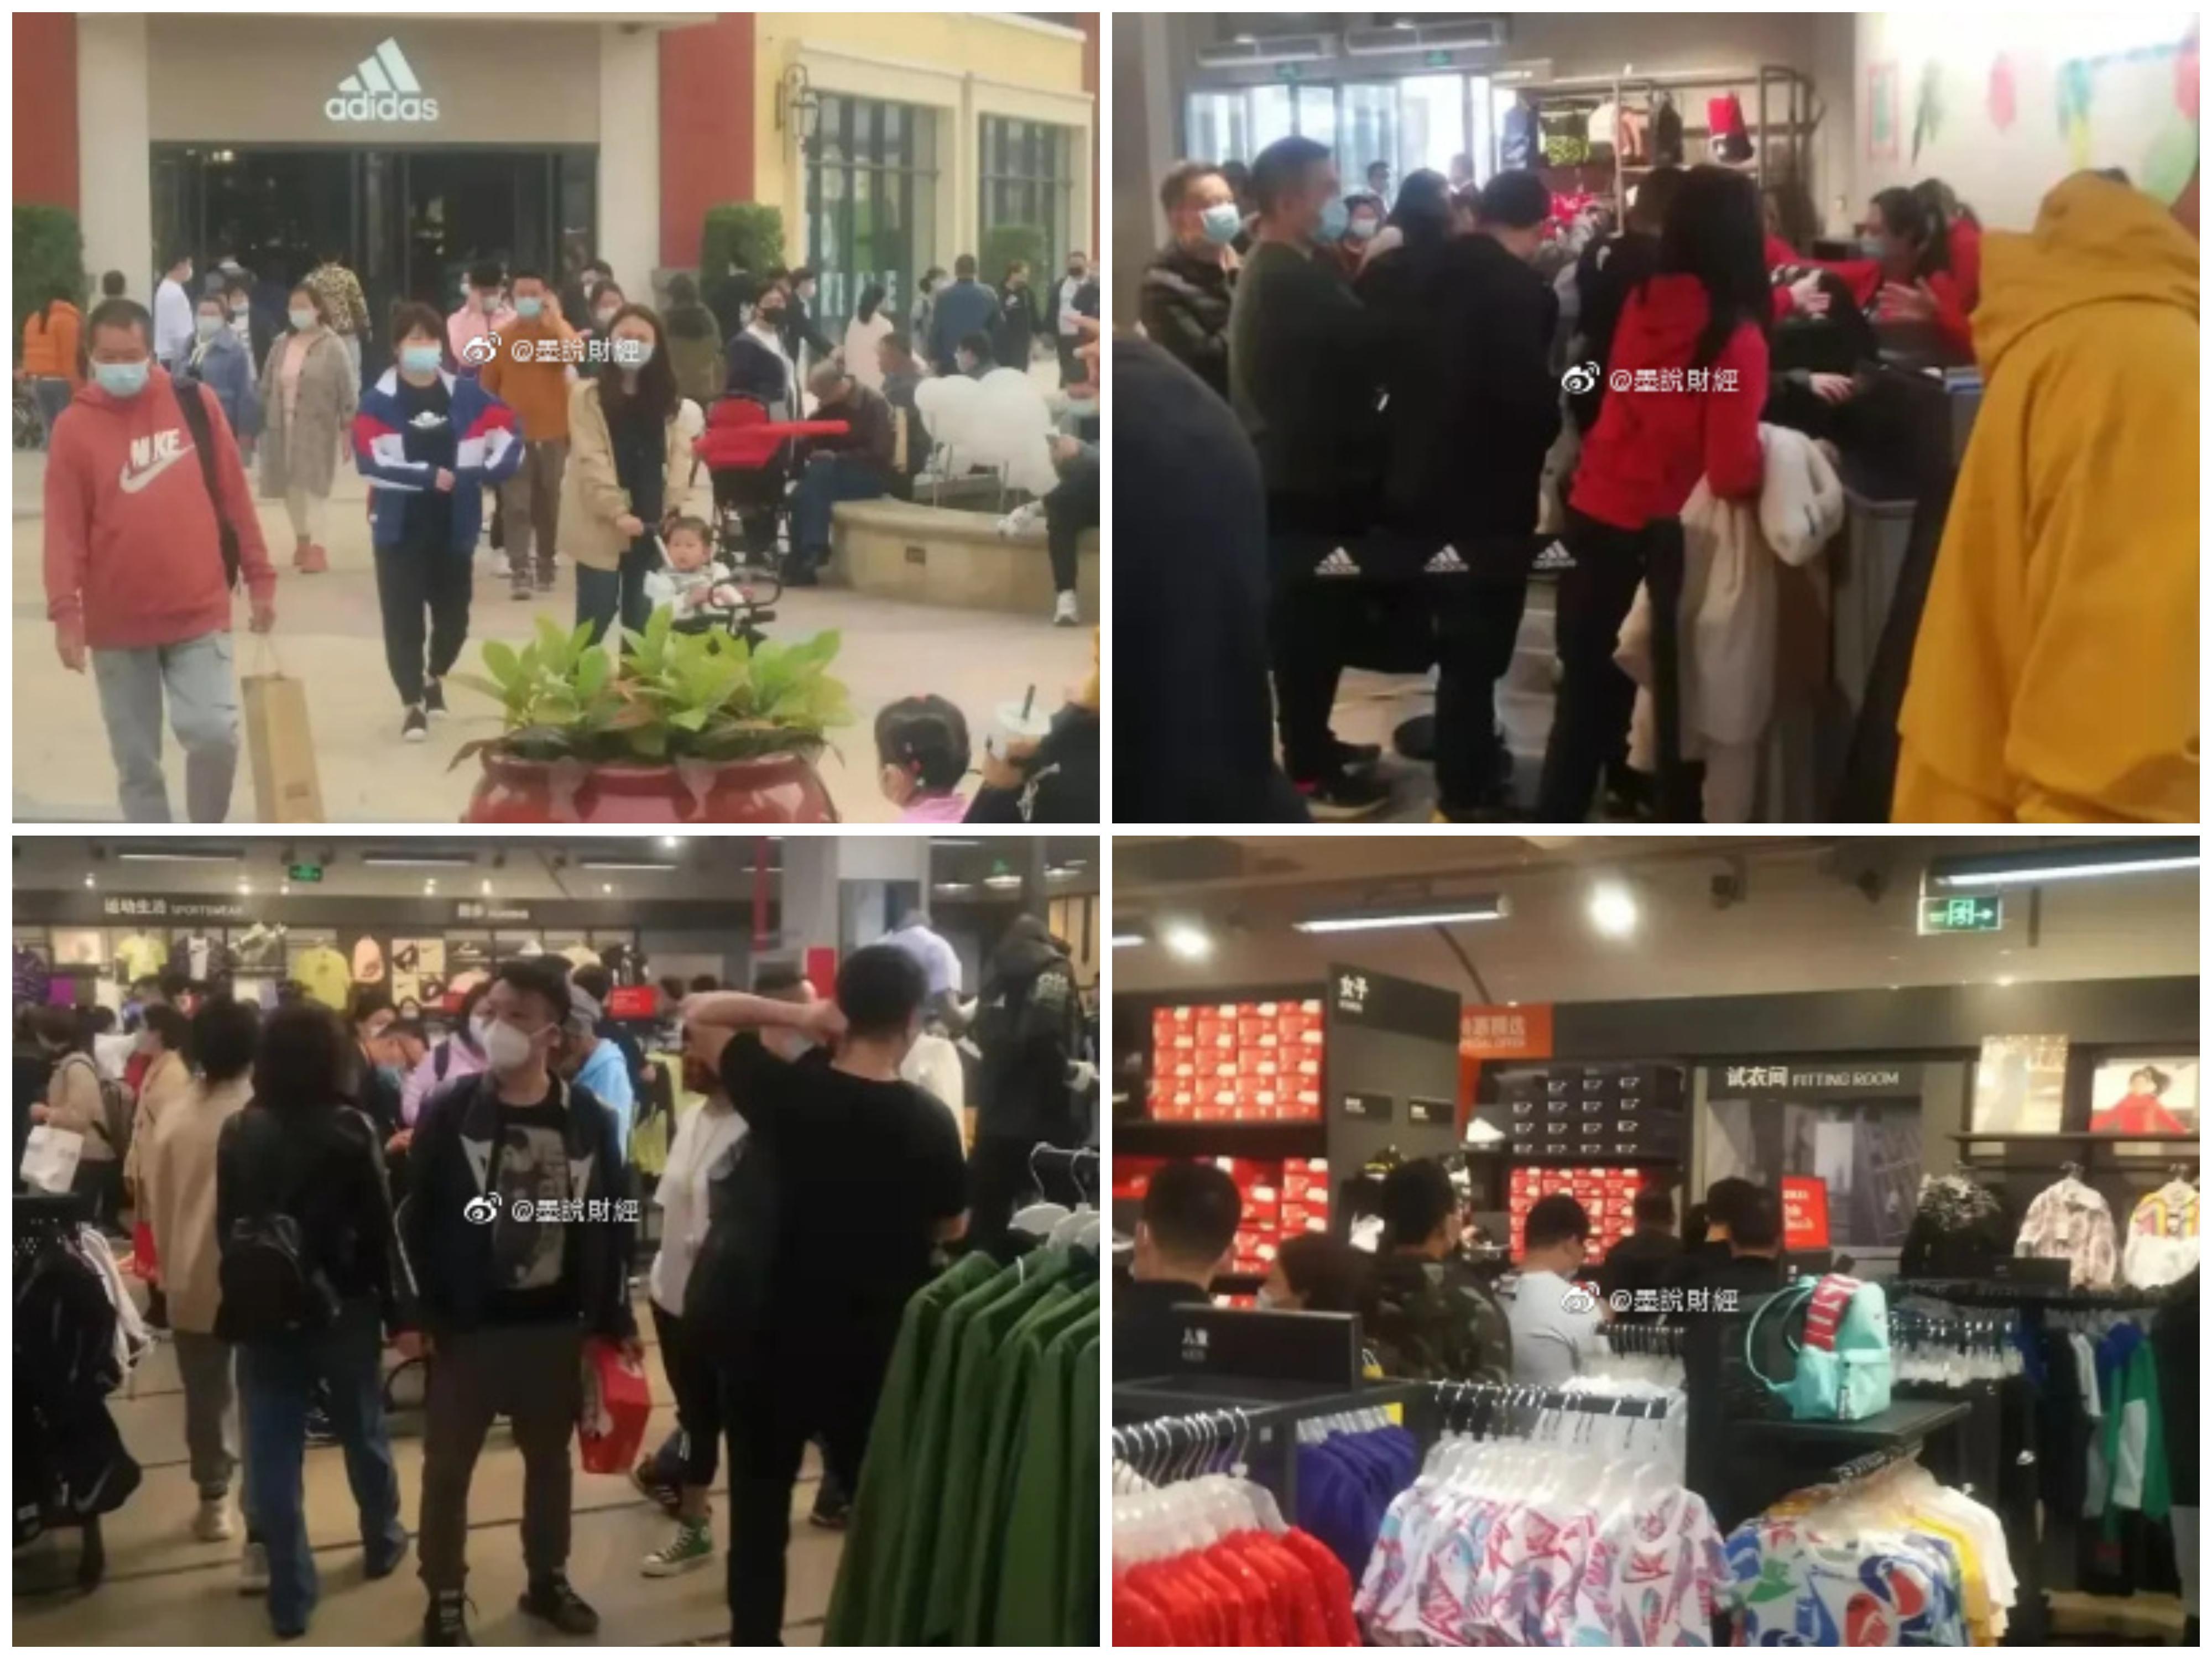 3月27日武汉某阿迪达斯专卖店的盛况。(微博图片)